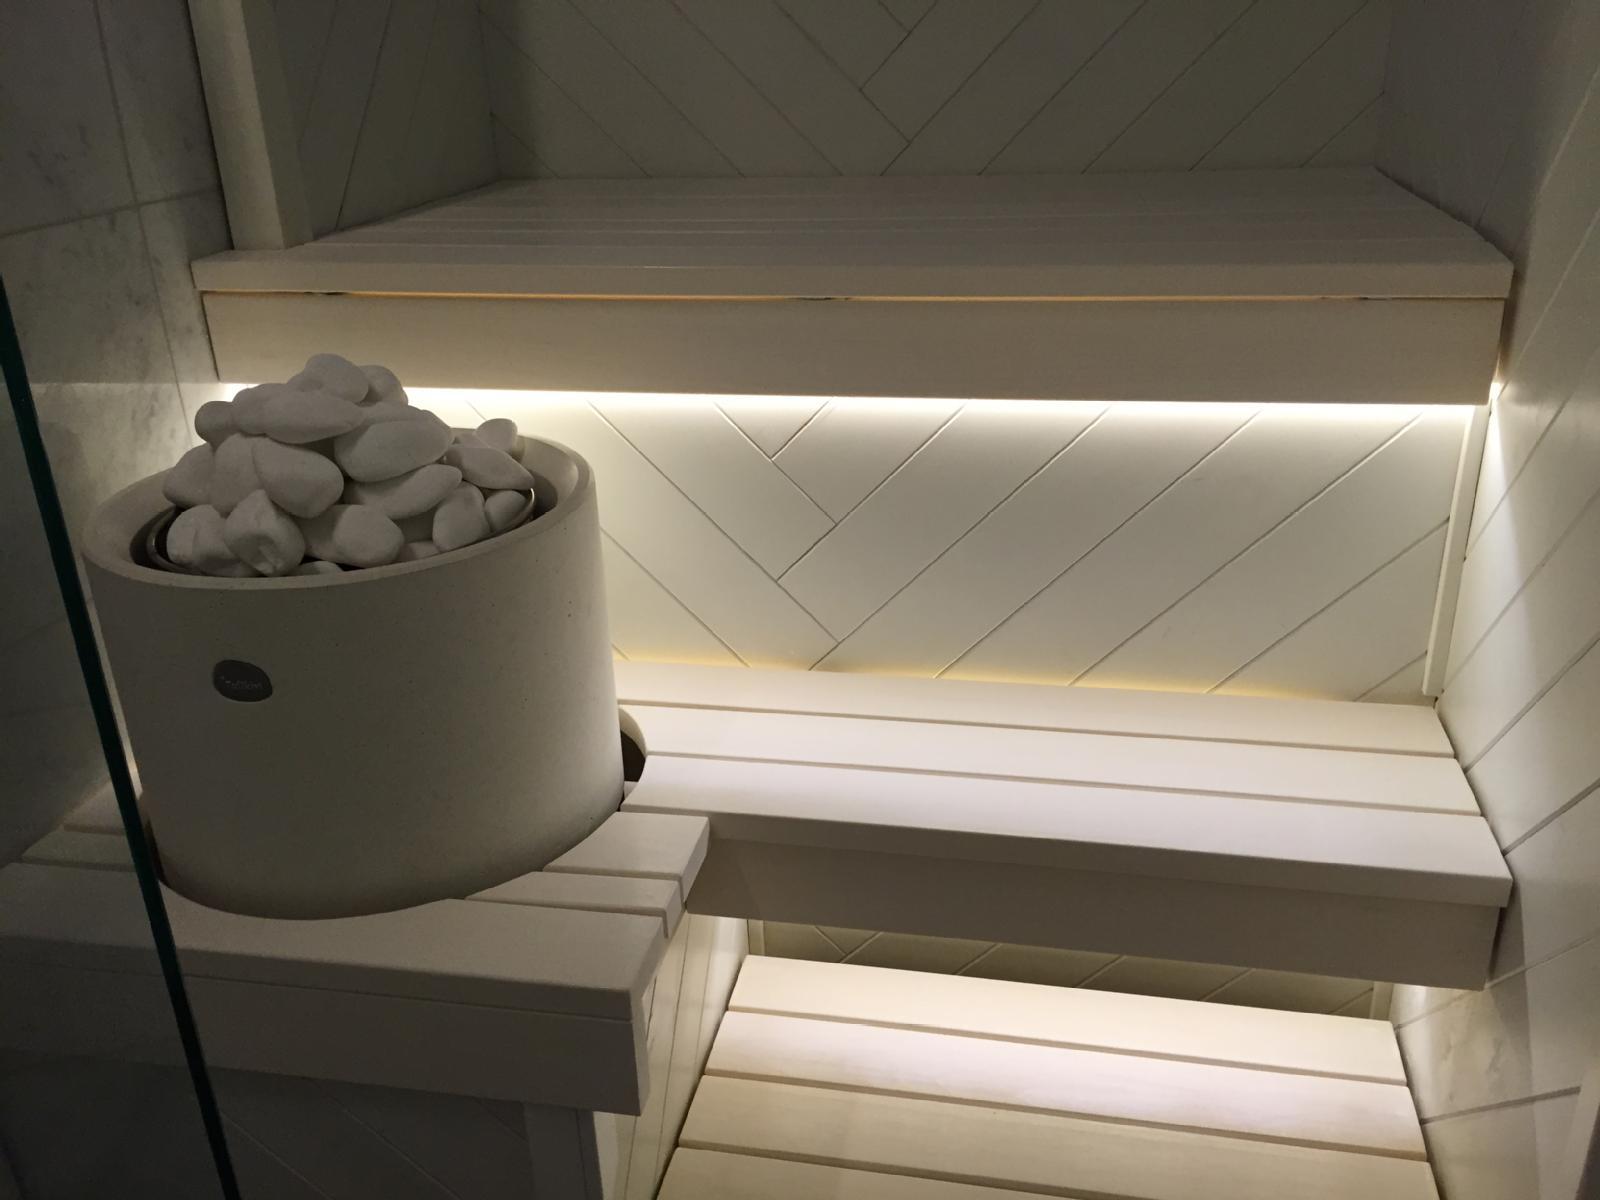 Valkoinen sauna kalanruotopaneelilla  Etuovi com Ideat & vinkit